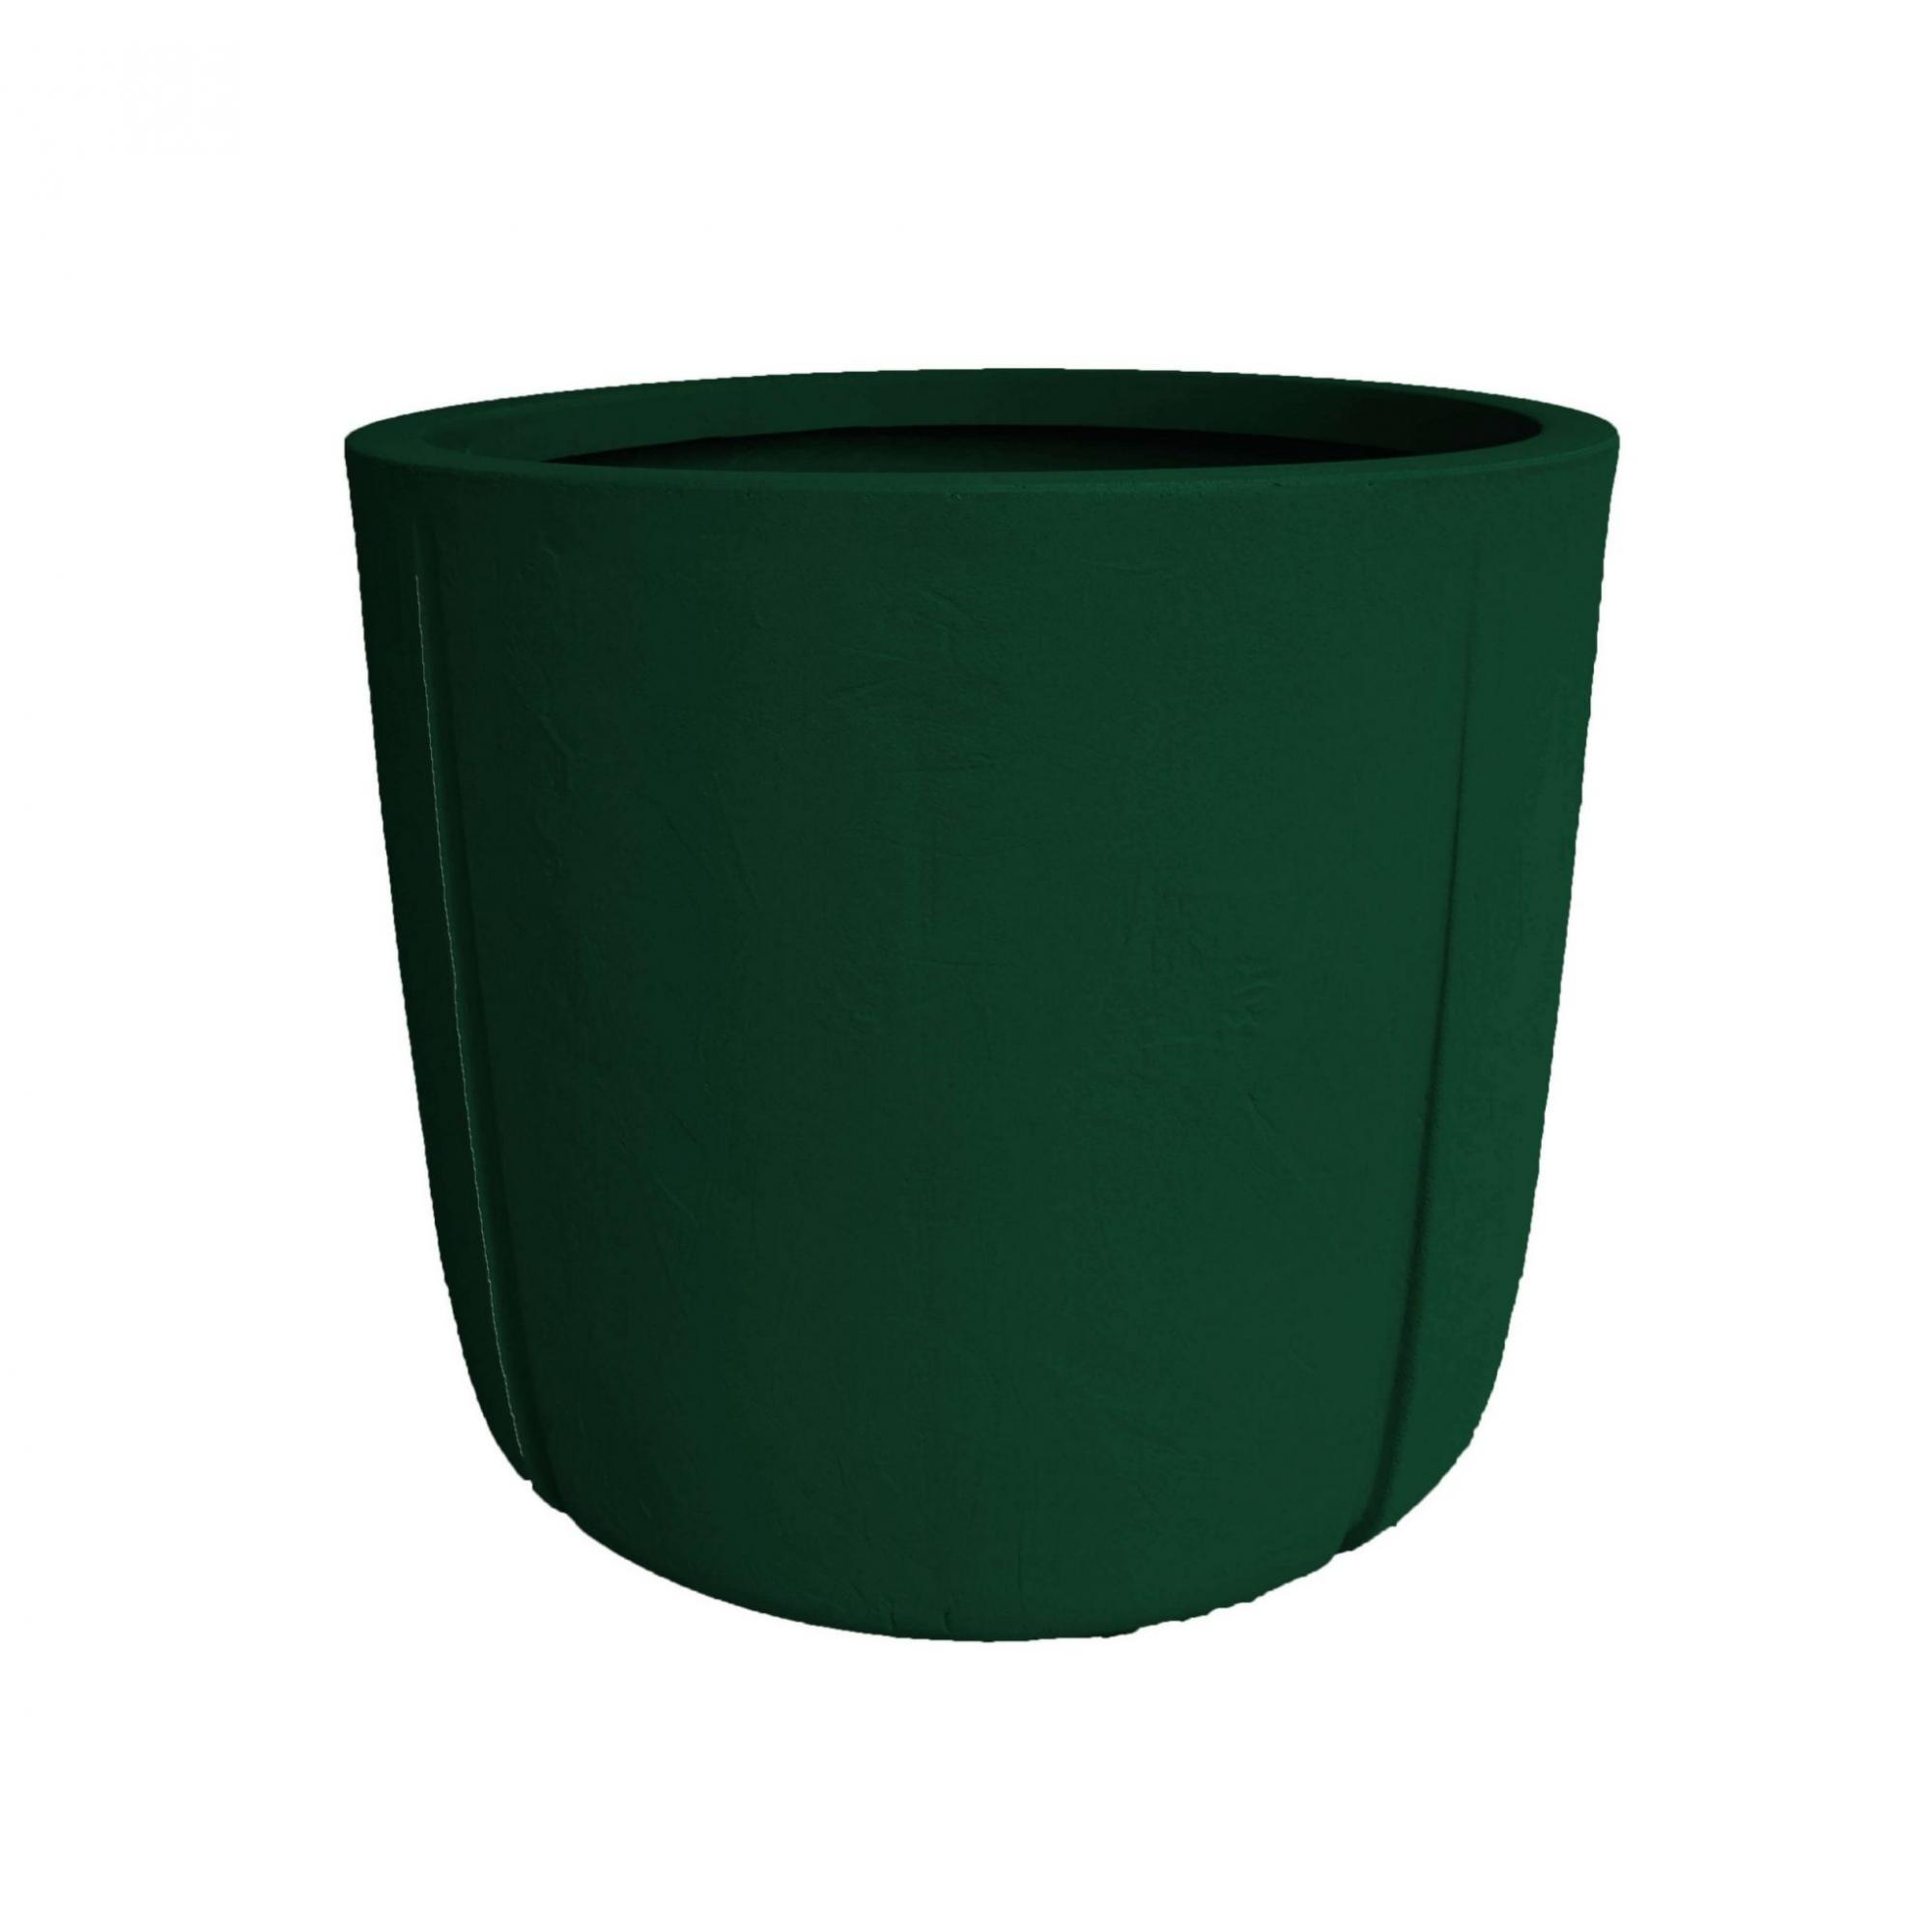 Vaso de Polietileno Karajá 50cm Verde | Studio André Lenza